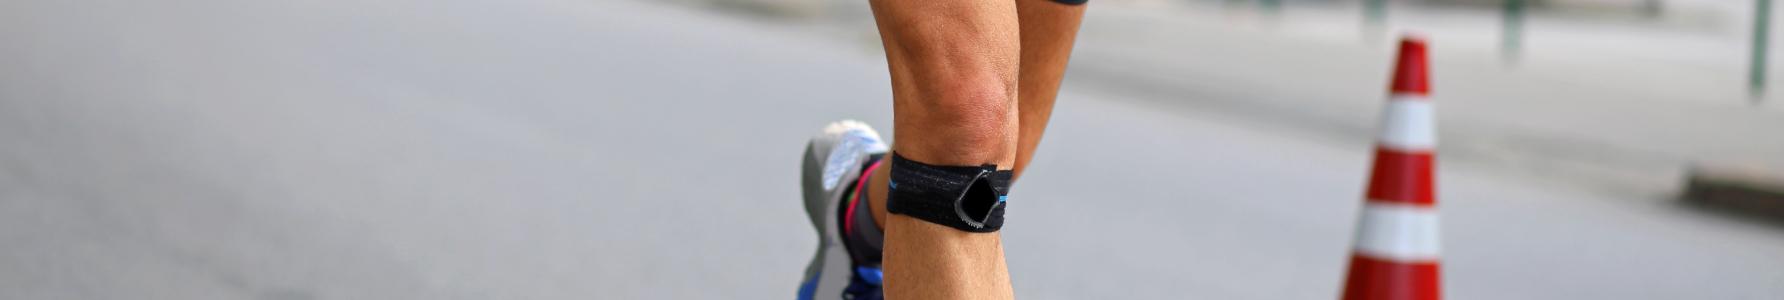 Biegacz z opaską na kolanie.